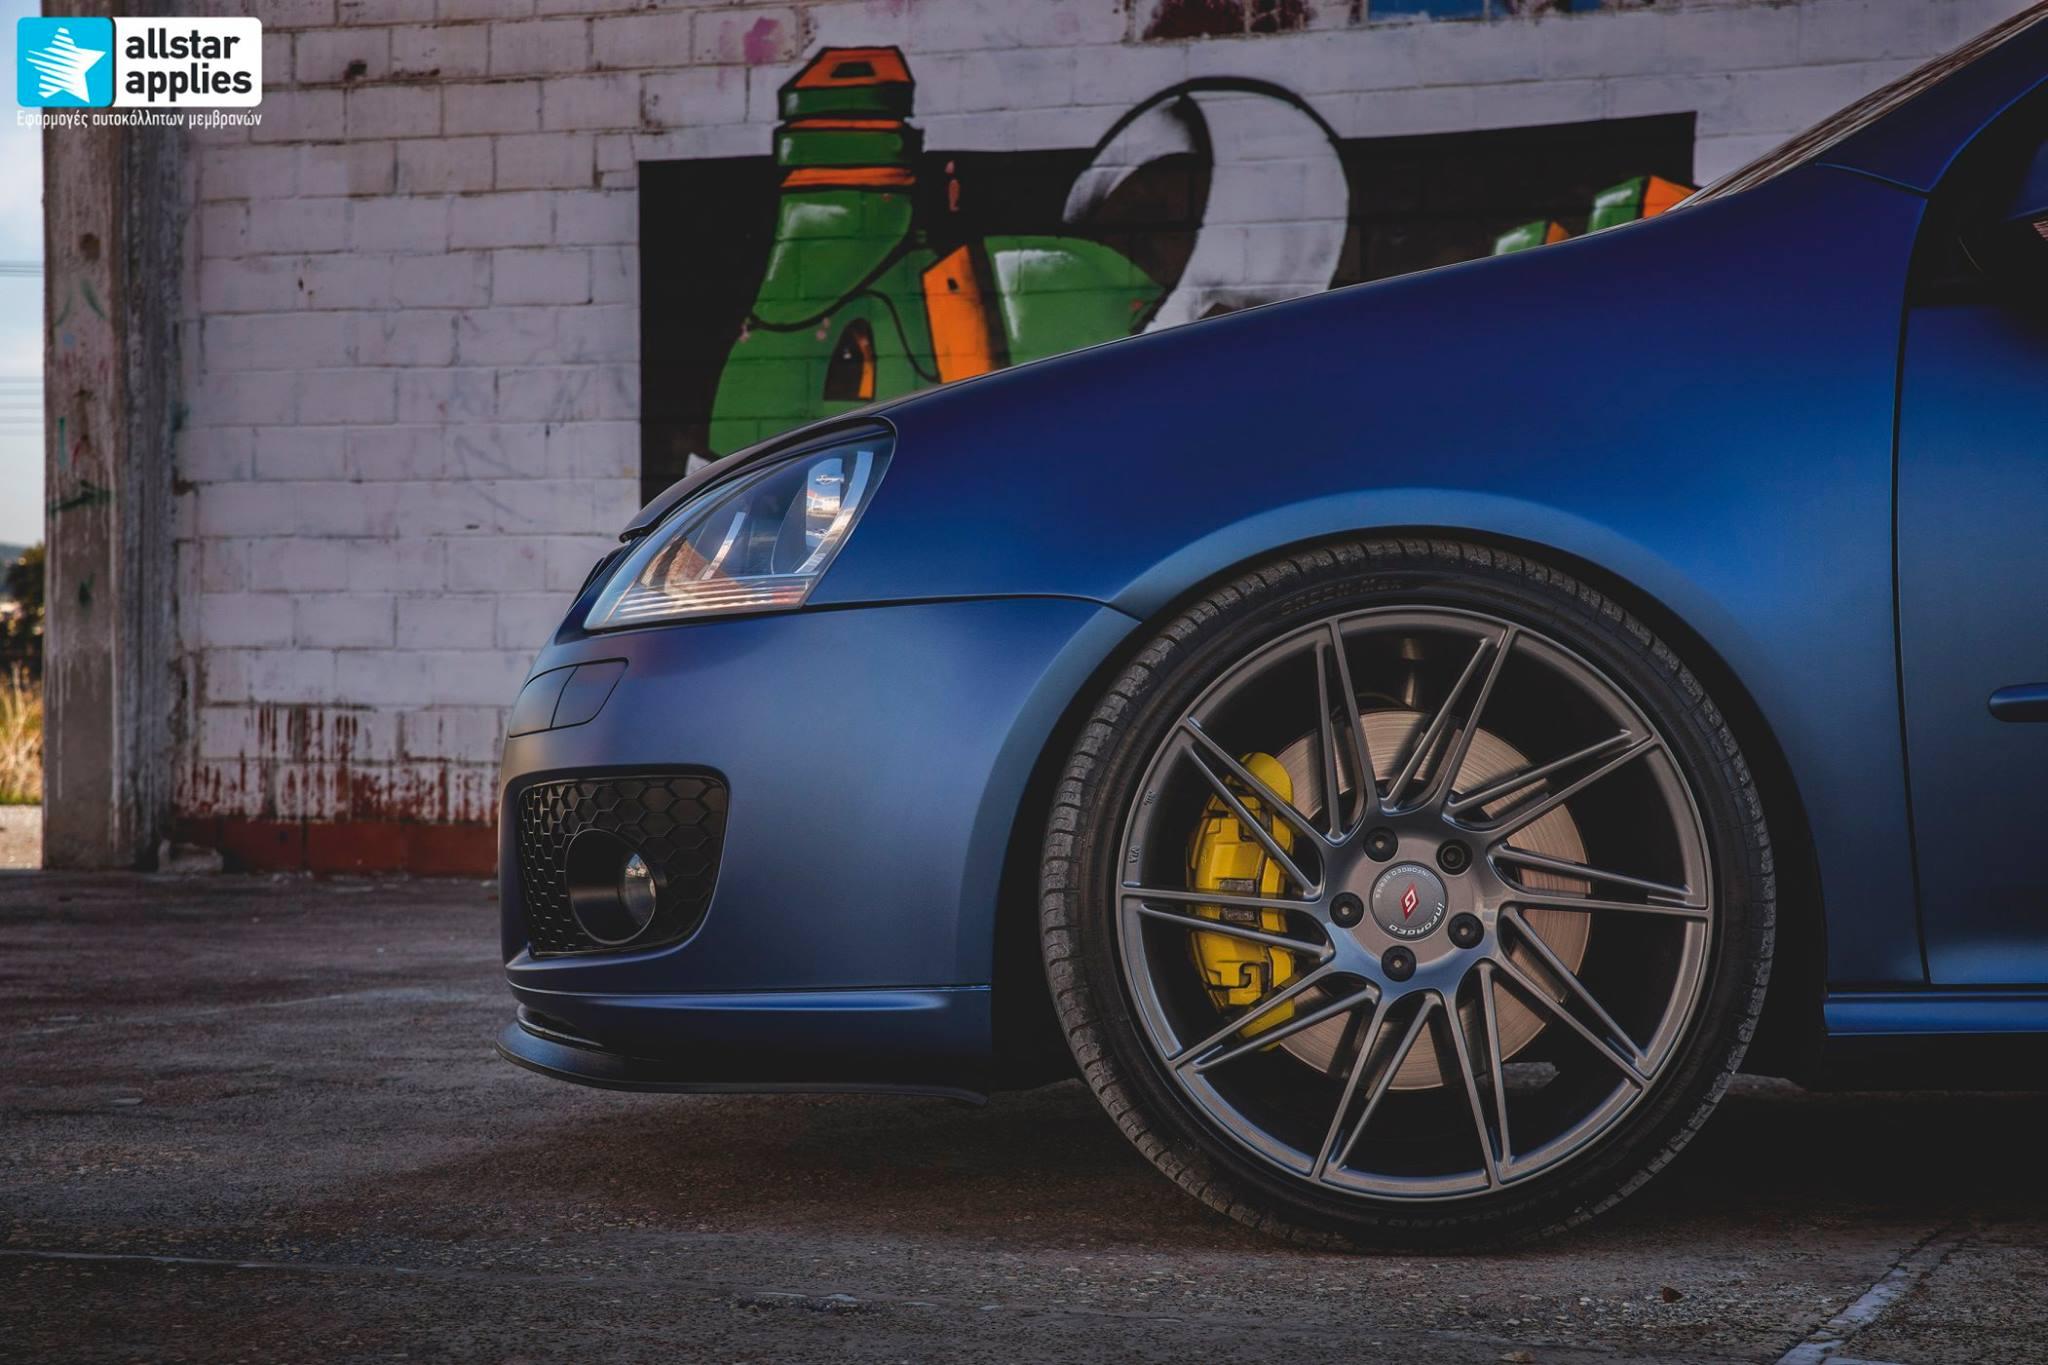 VW Golf 5 - Matt Trenton Blue (7)